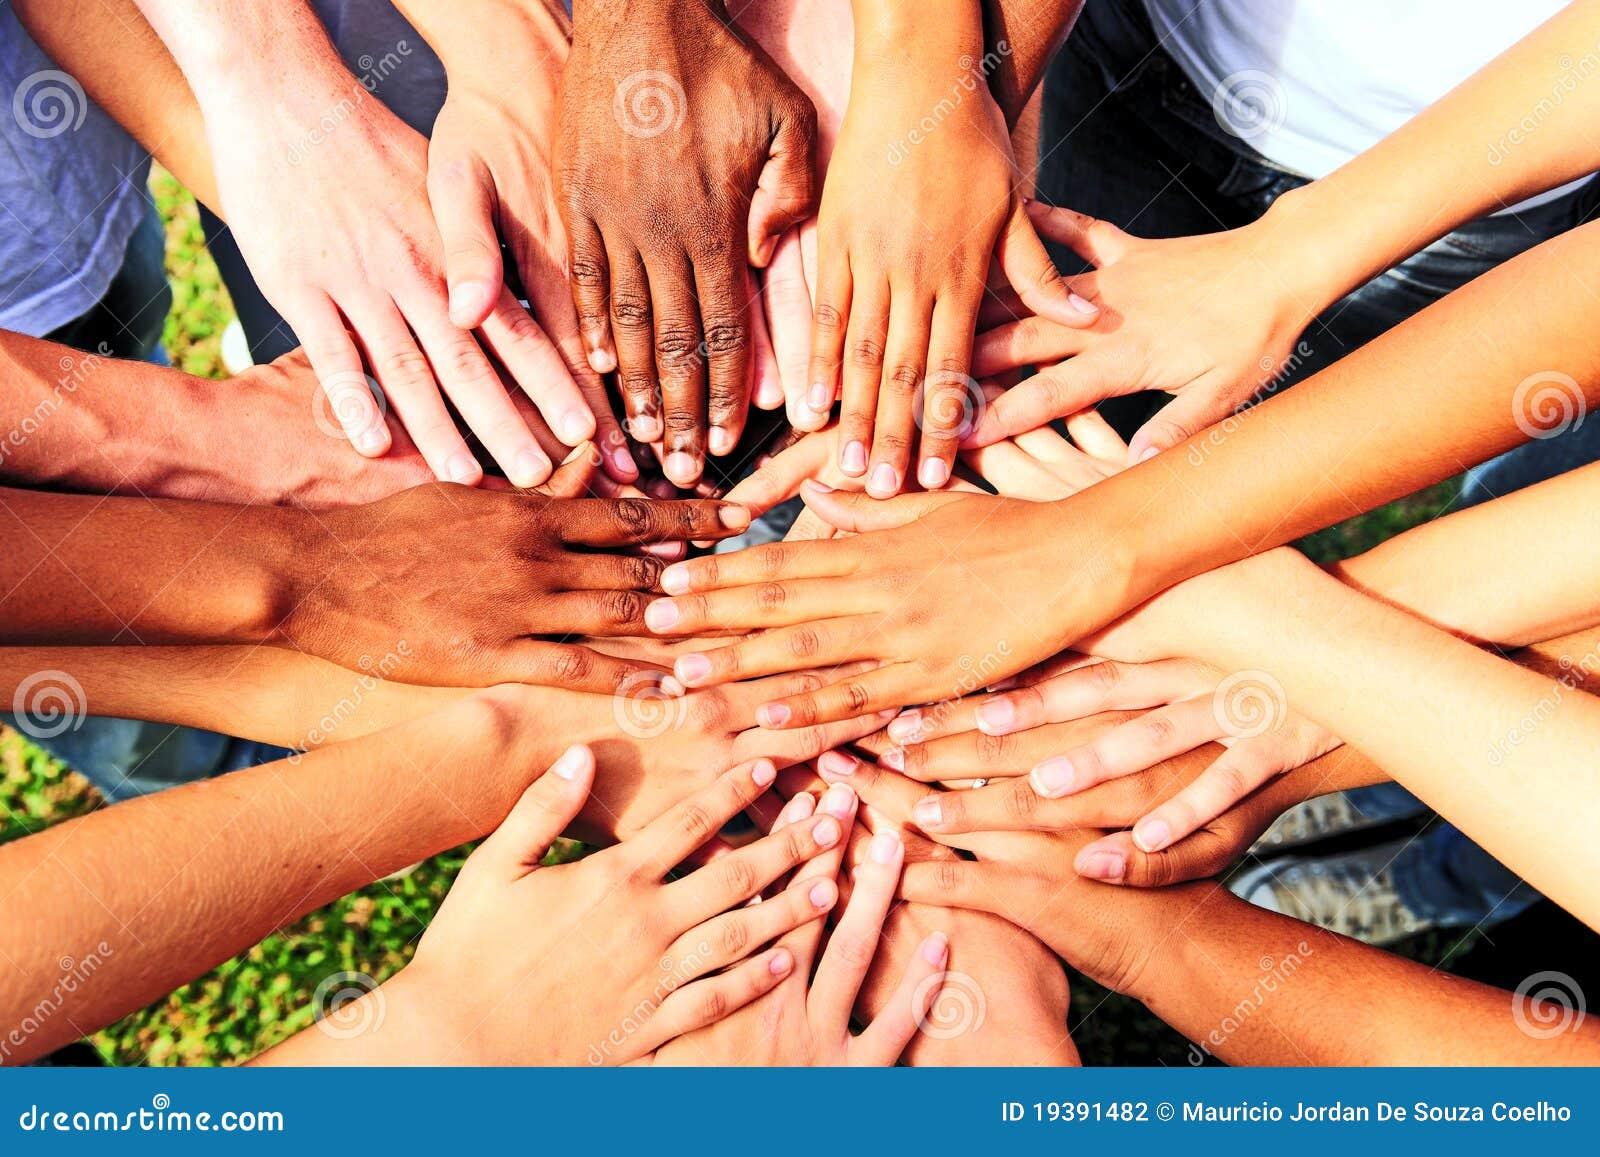 Beaucoup de mains ensemble : groupe de personnes mains de jointure